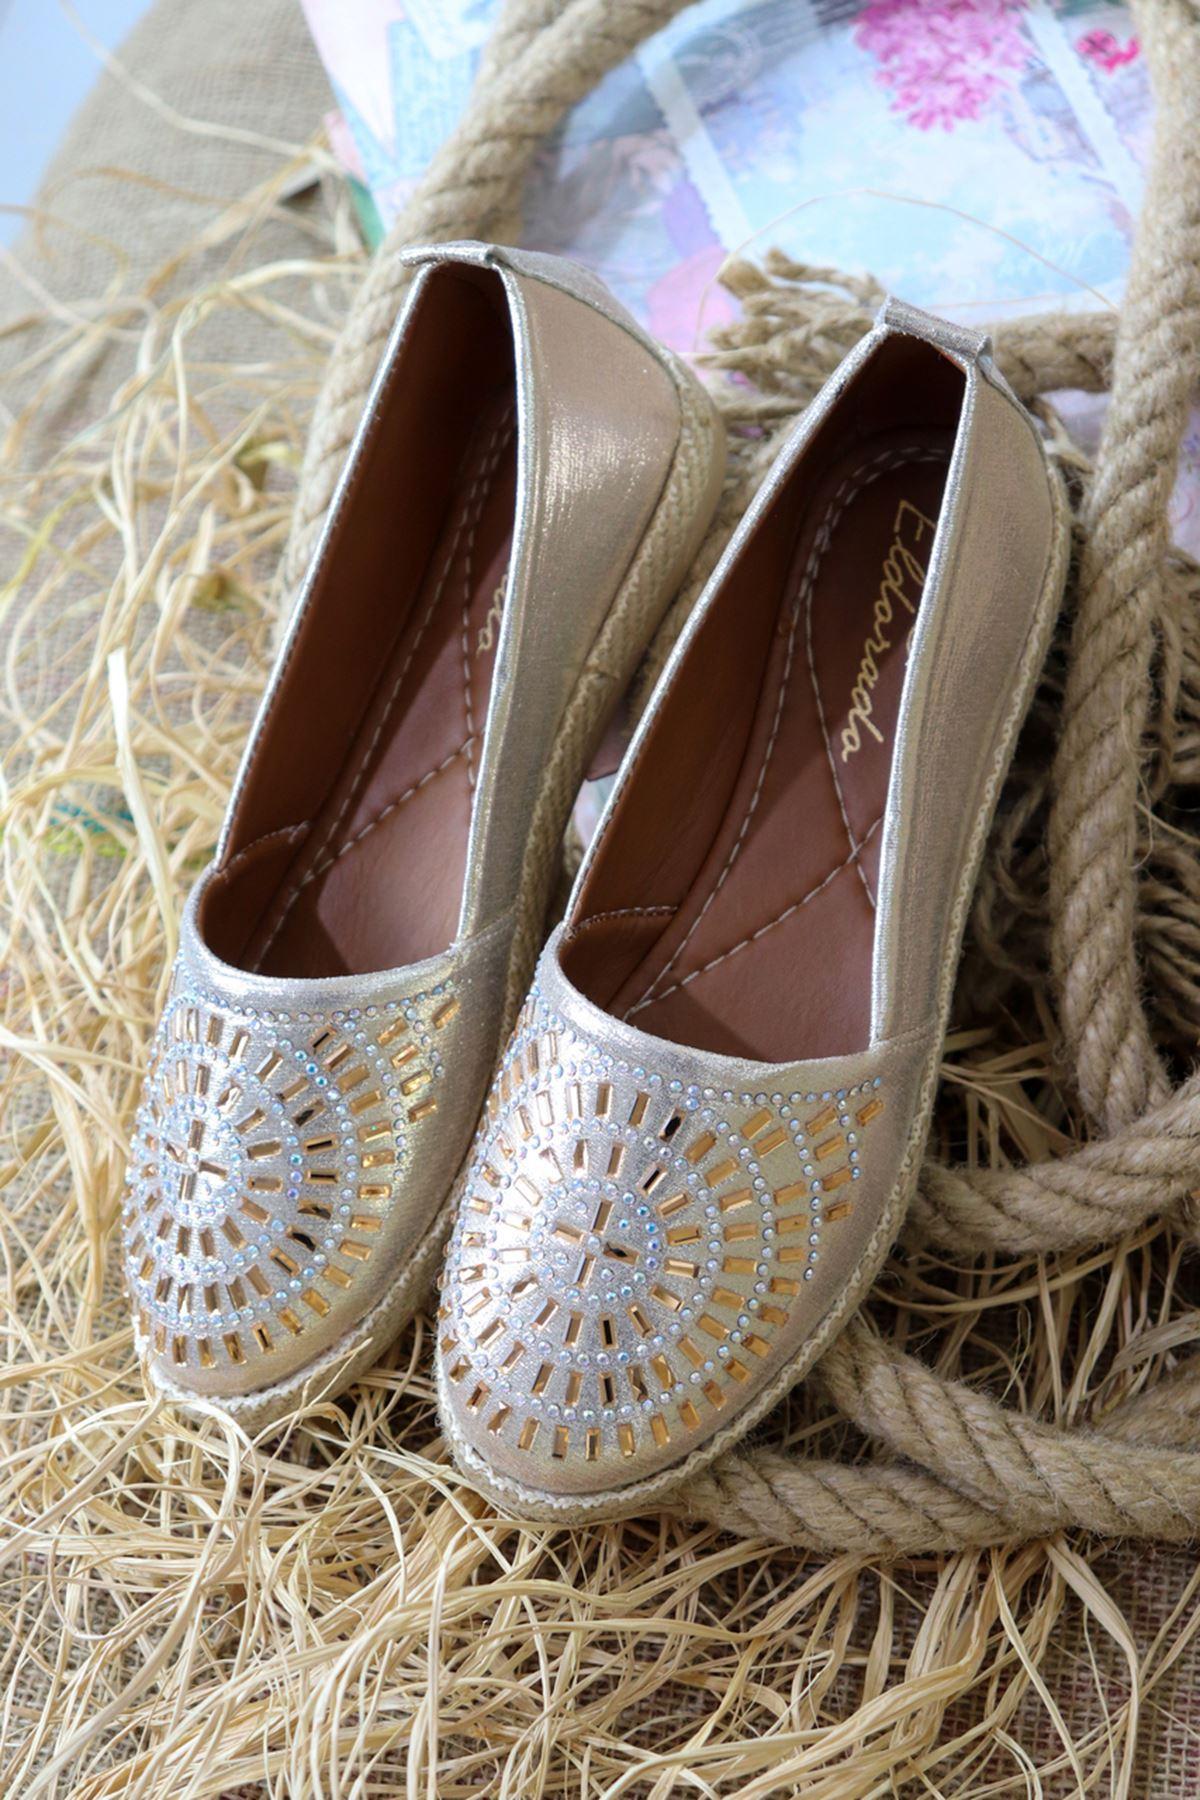 Trendayakkabı - Altın Taş Detaylı Kadın Babet